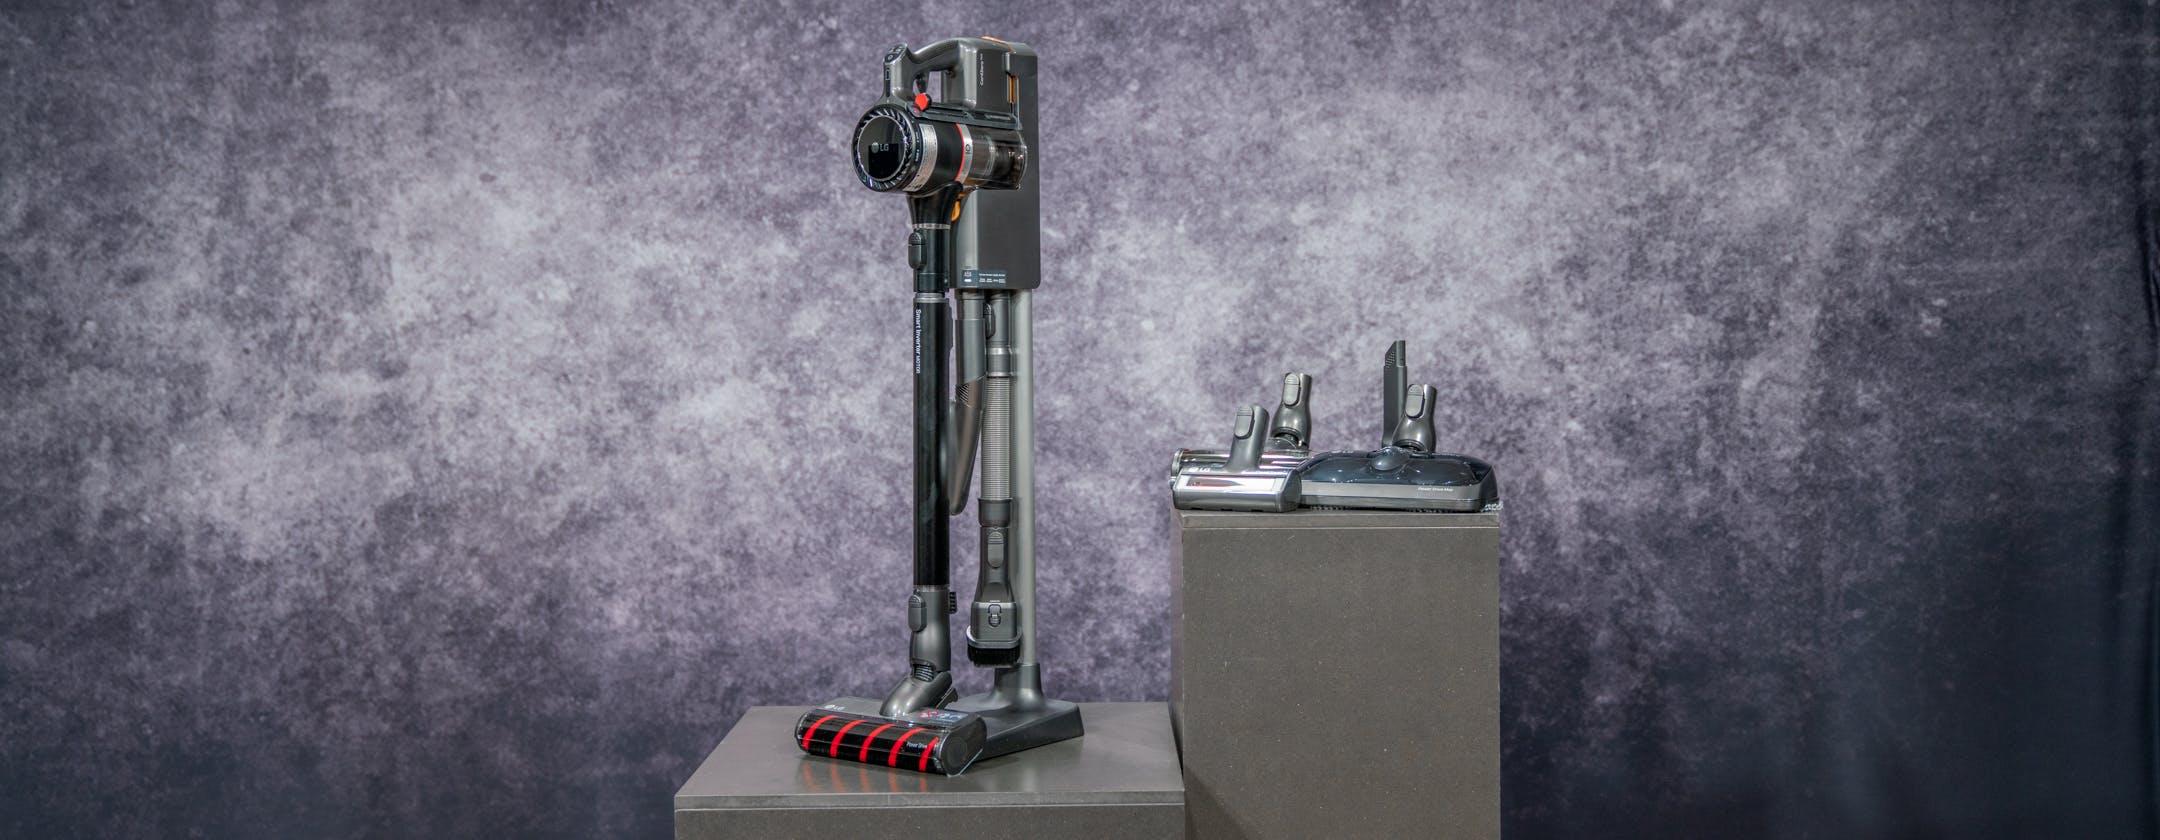 In prova la scopa elettrica CordZero A9 Kompressor di LG: doppia batteria e tanti accessori, ma che prezzo!